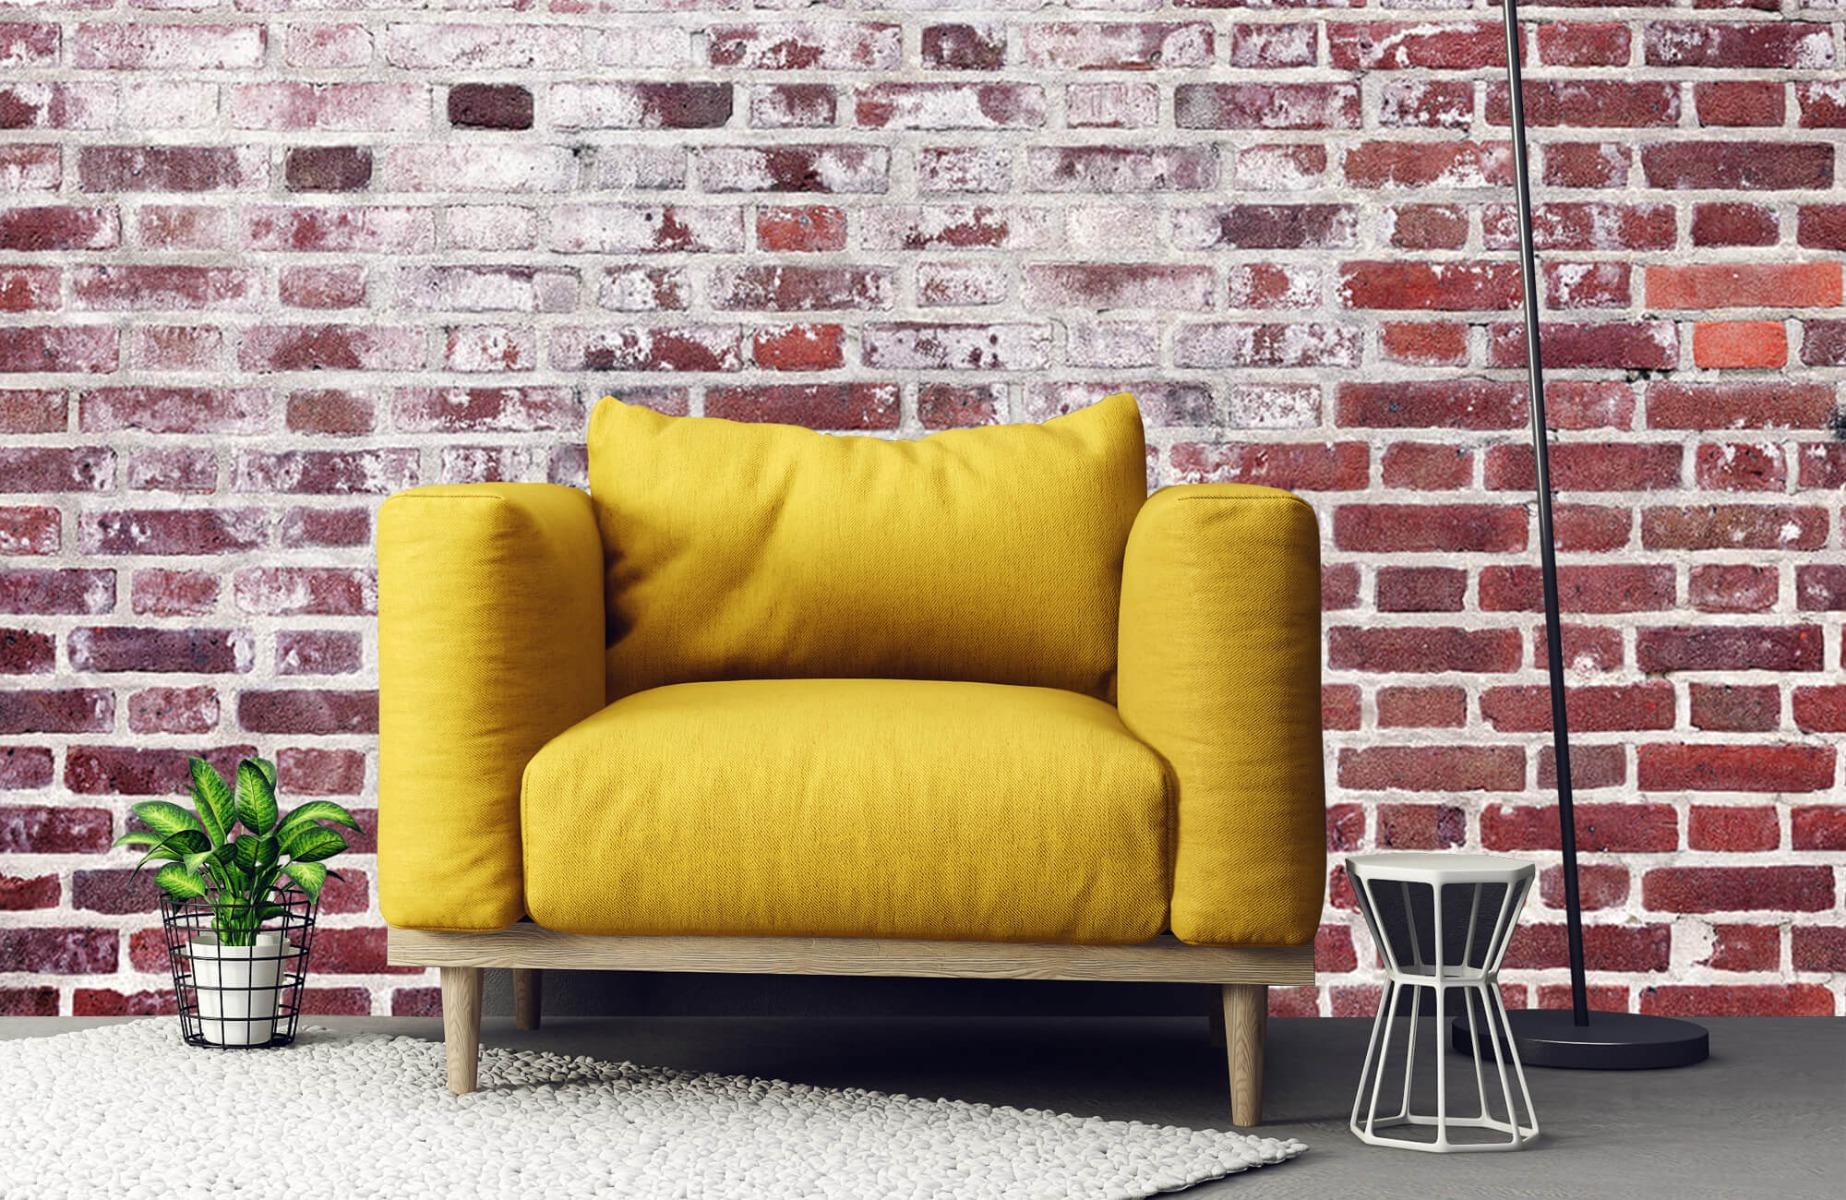 Steen behang - Bakstenen met cement - Wallexclusive - Woonkamer 21